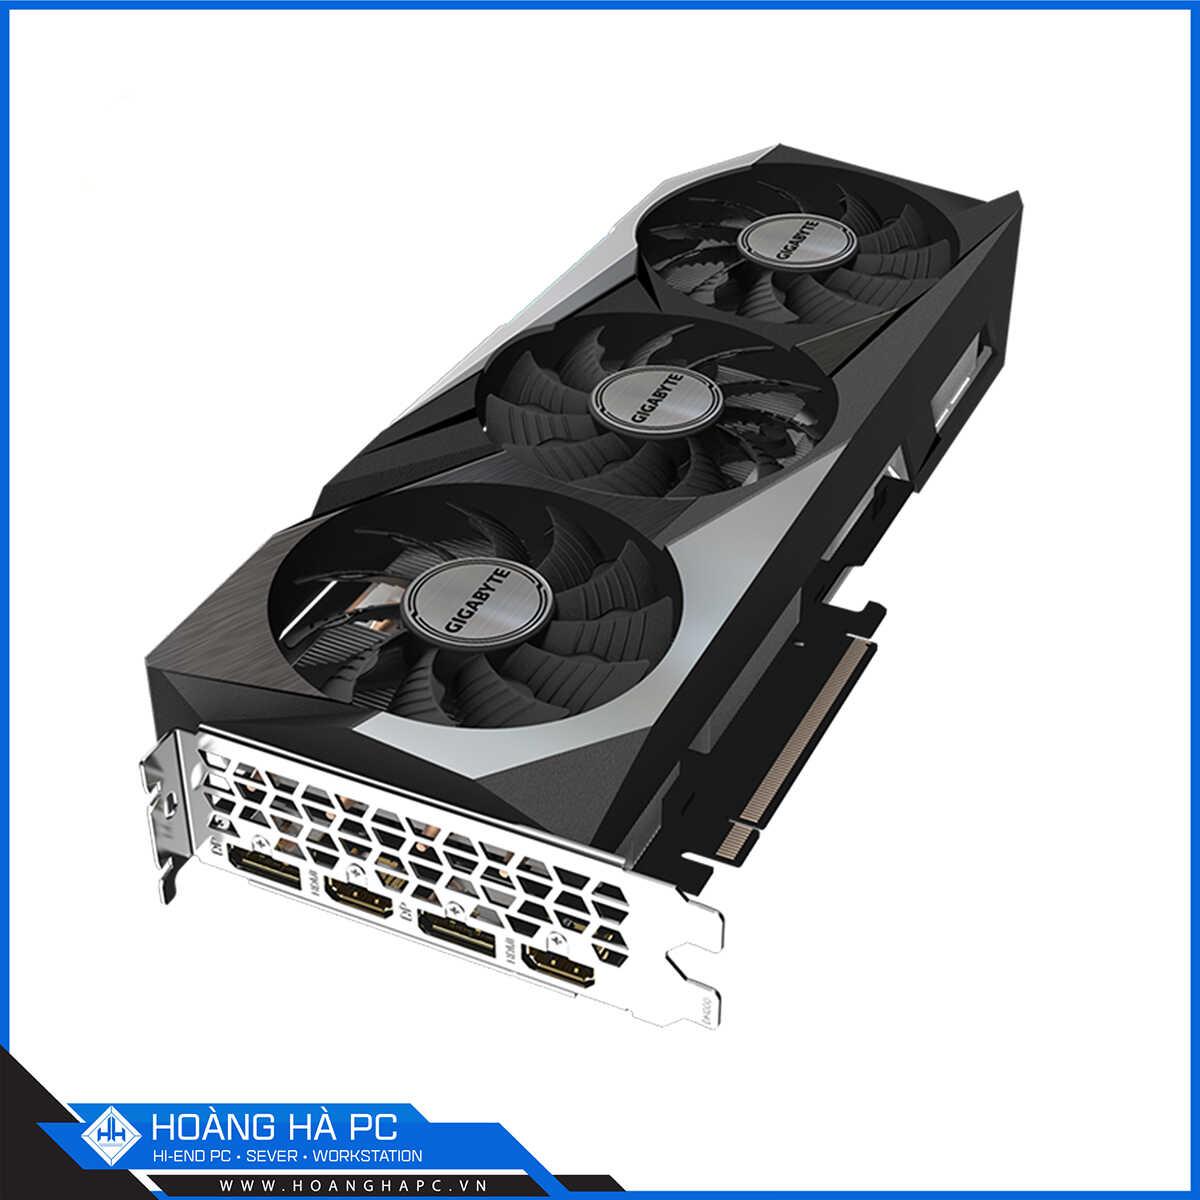 GIGABYTE RTX 3060 Ti GAMING OC PRO 8GB